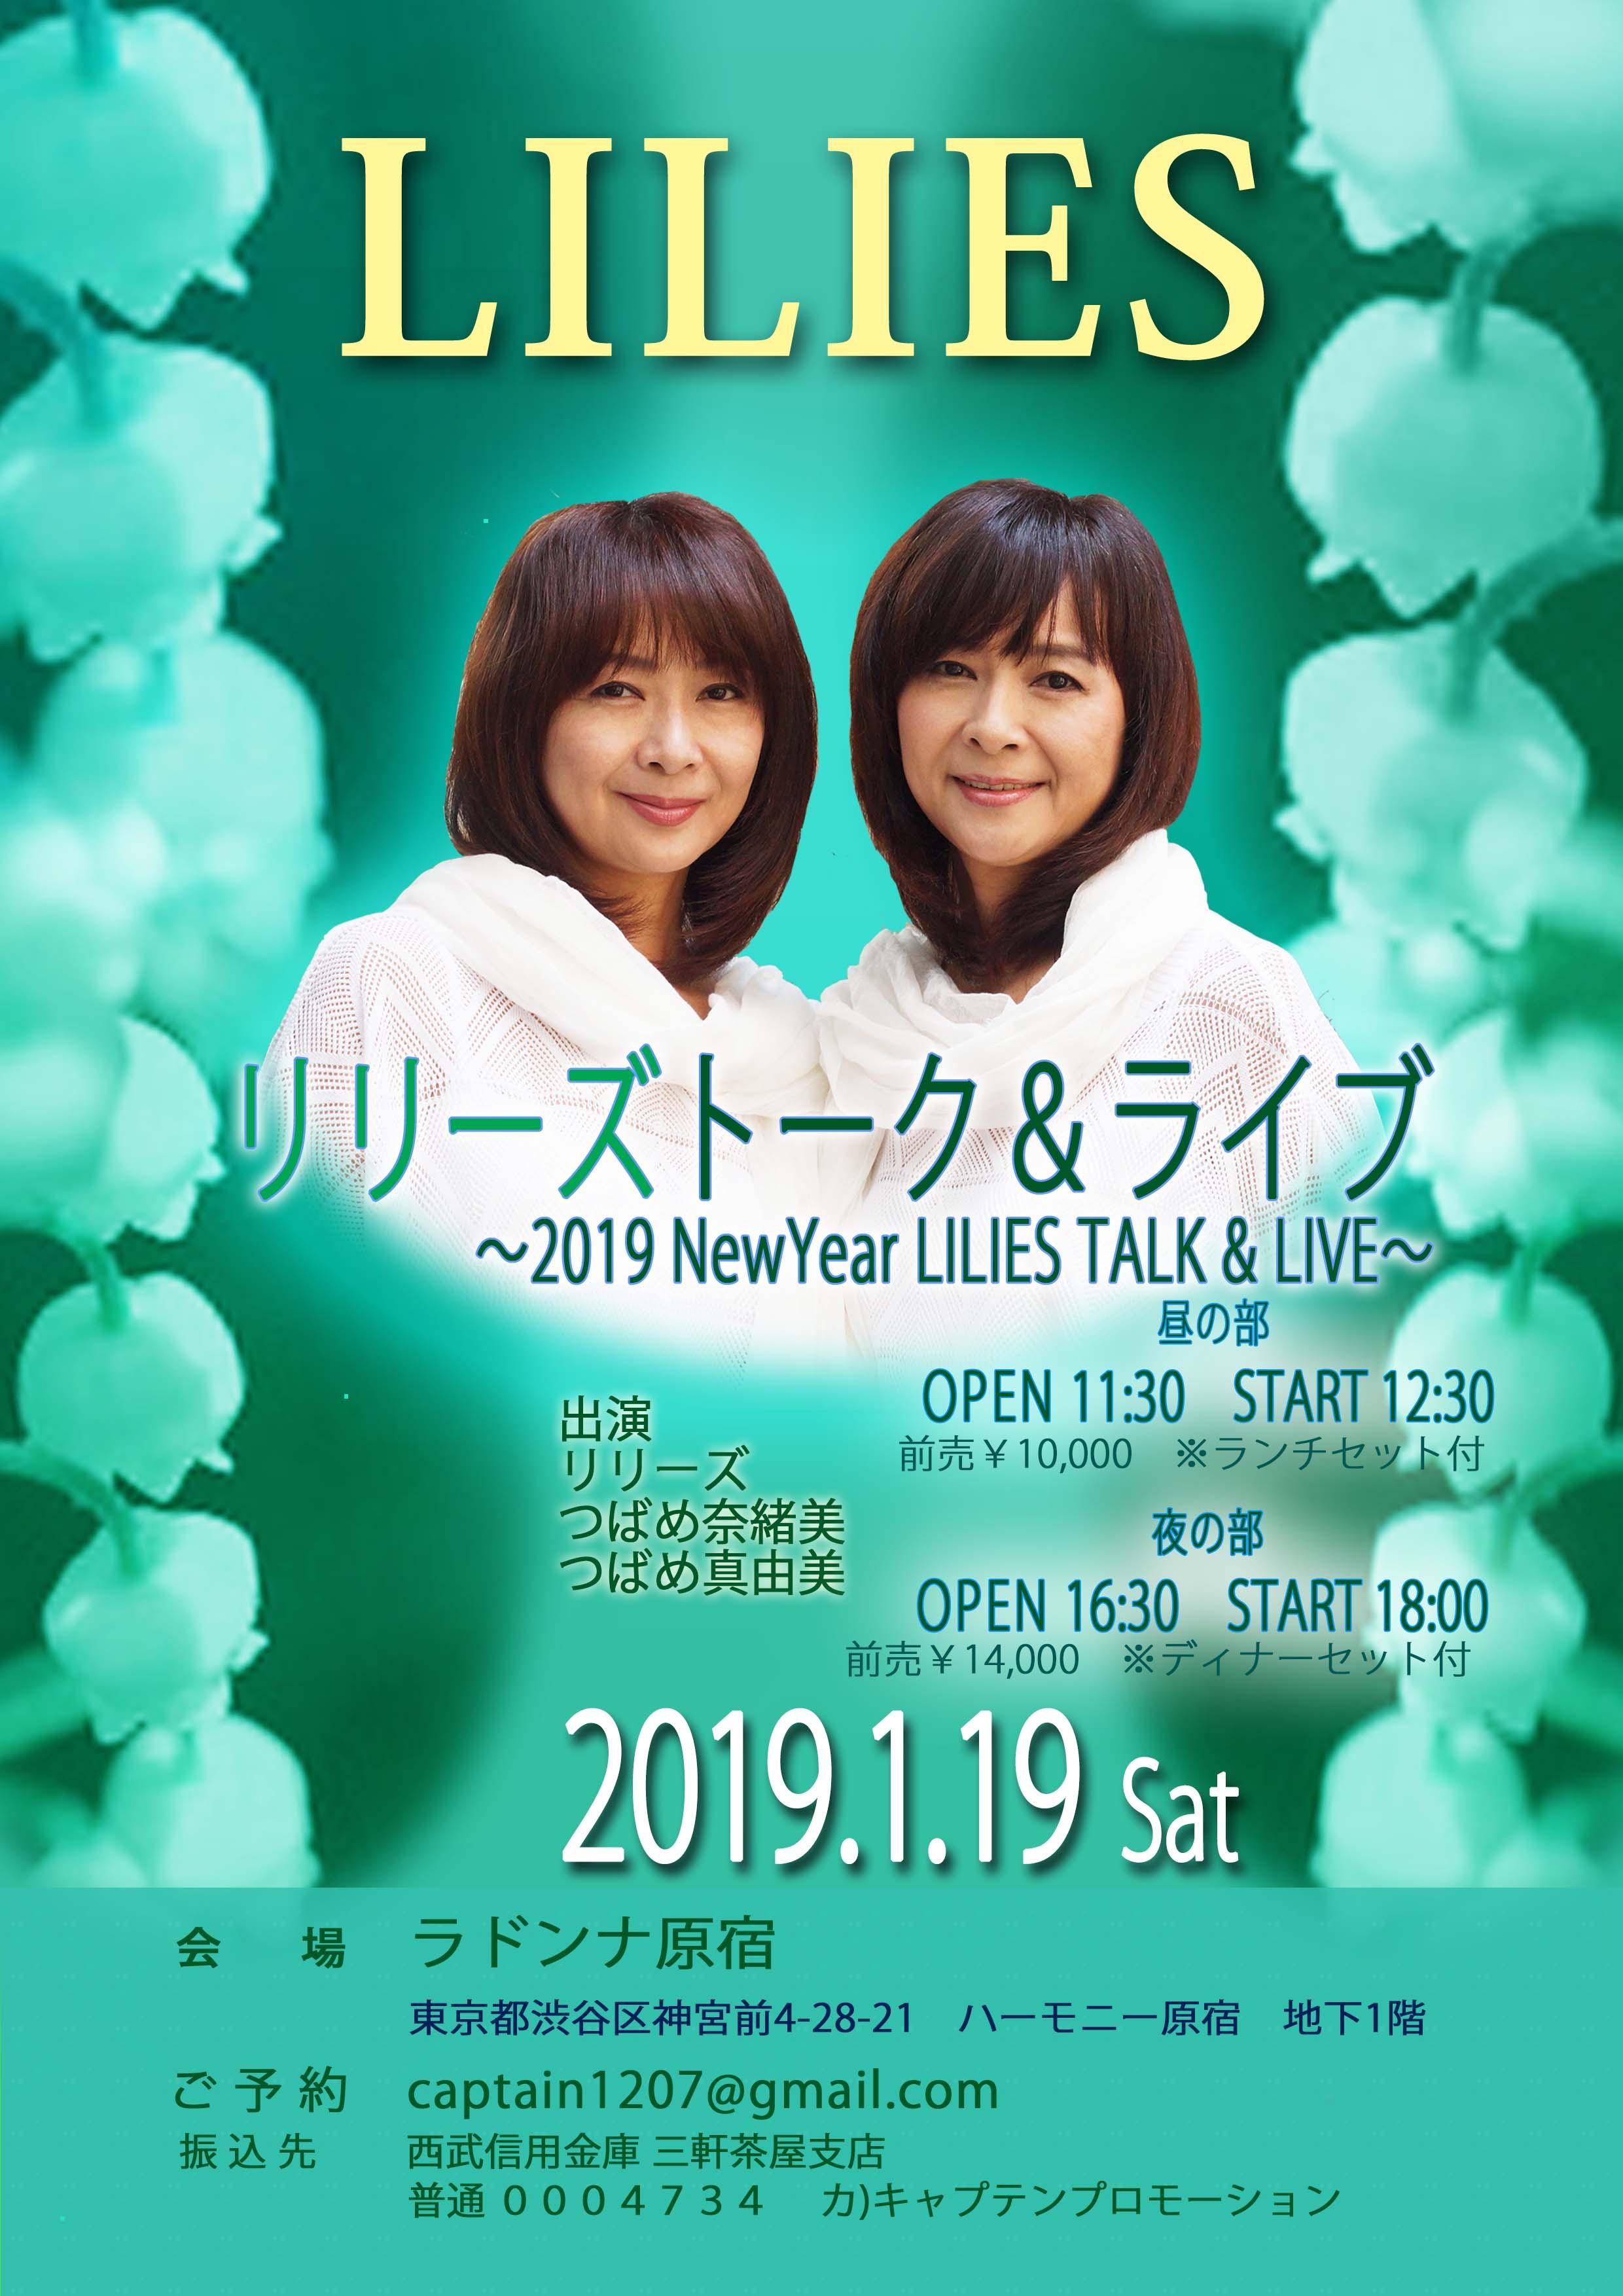 リリーズ 2019 New Year トーク&ライブ 【昼の部】